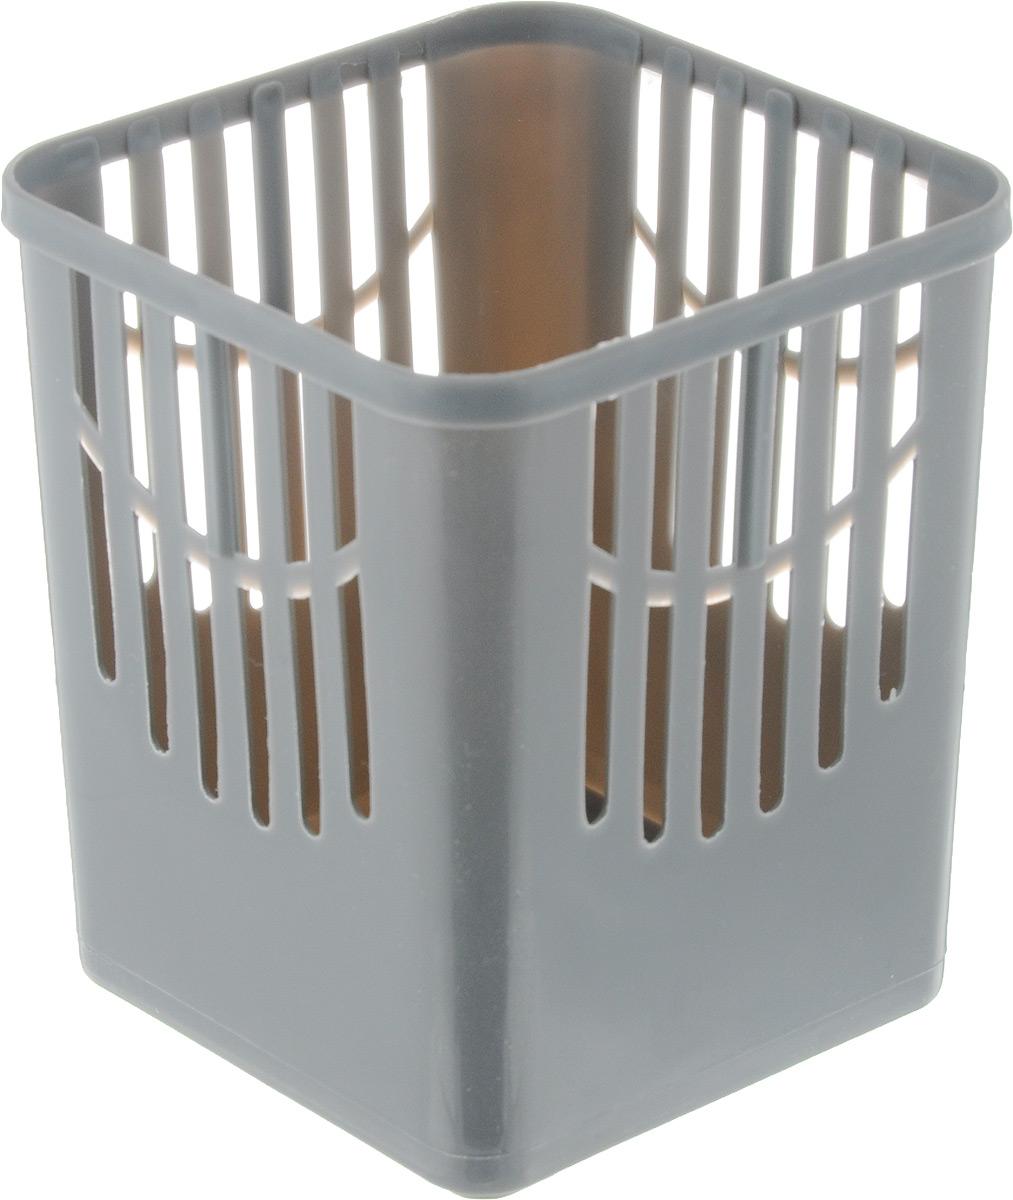 Подставка для столовых приборов Axentia, цвет: серый, 10,5 х 10,5 х 12,5 см232039_серыйПодставка для столовых приборов Axentia, выполненная из высококачественного пластика, станет полезным приобретением для вашей кухни. Она хорошо впишется в интерьер, не займет много места, а столовые приборы будут всегда под рукой.Размер подставки: 10,5 х 10,5 х 12,5 см.